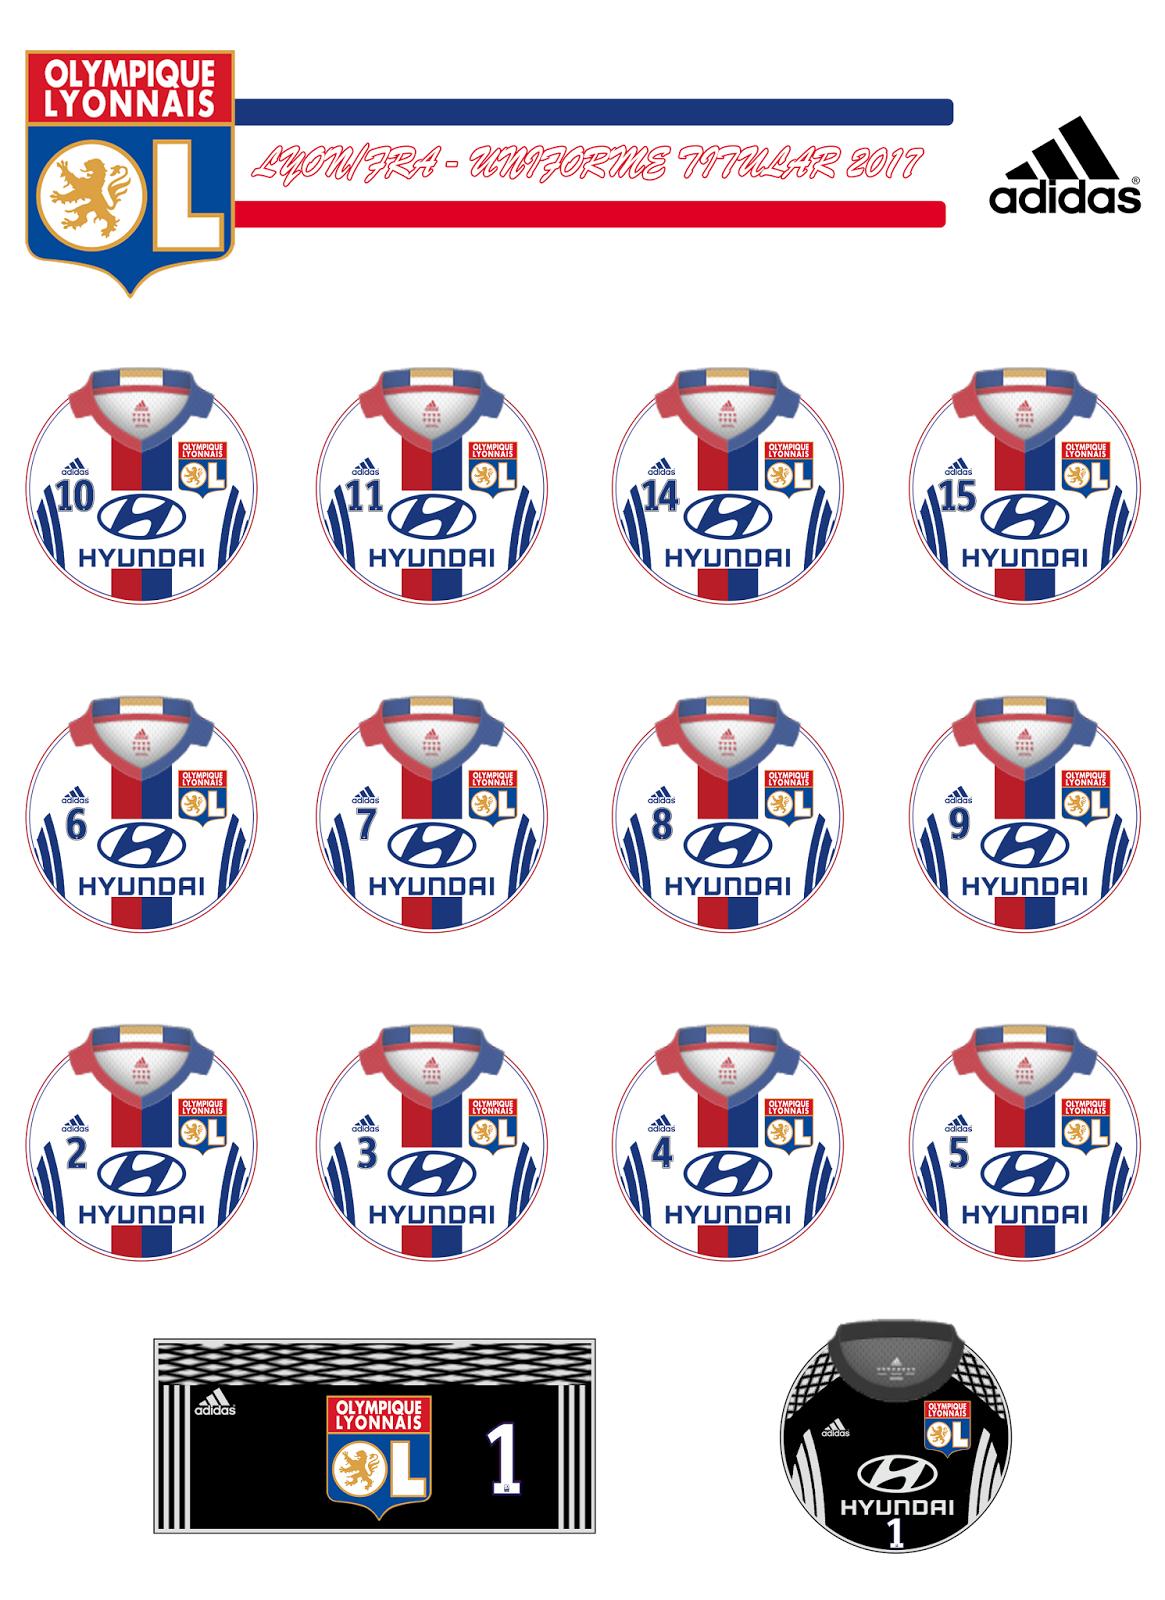 ... comentários para encomendar por um preço bem barato de R 20 com todos  os uniformes usados pelos Clubes participantes da UEFA Champions League  2016 17. a97eeeccc9b90